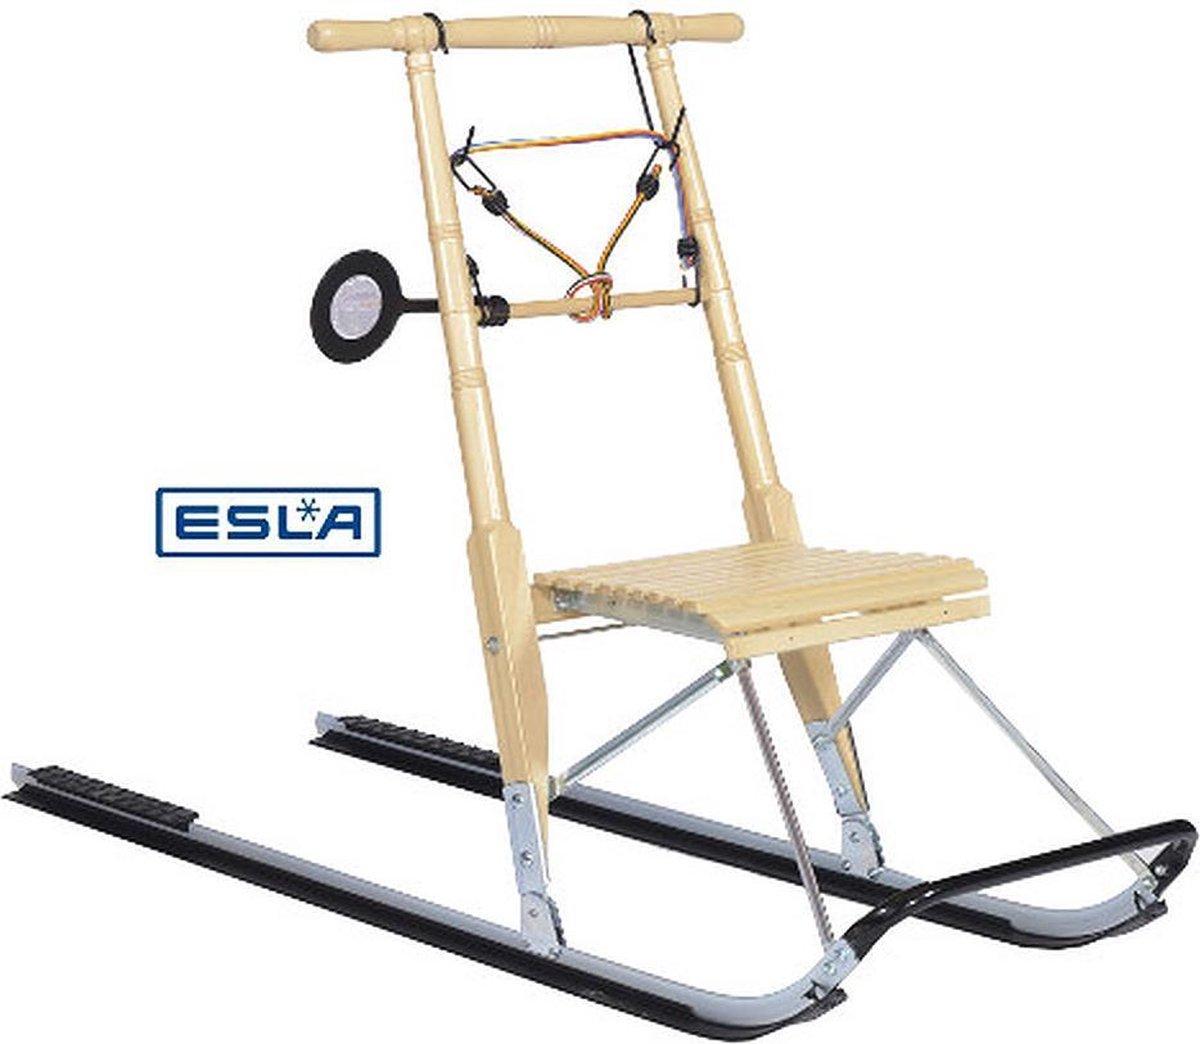 ESLA - Kicksledes - Compact - voor personen 160 CM - met snowrunners